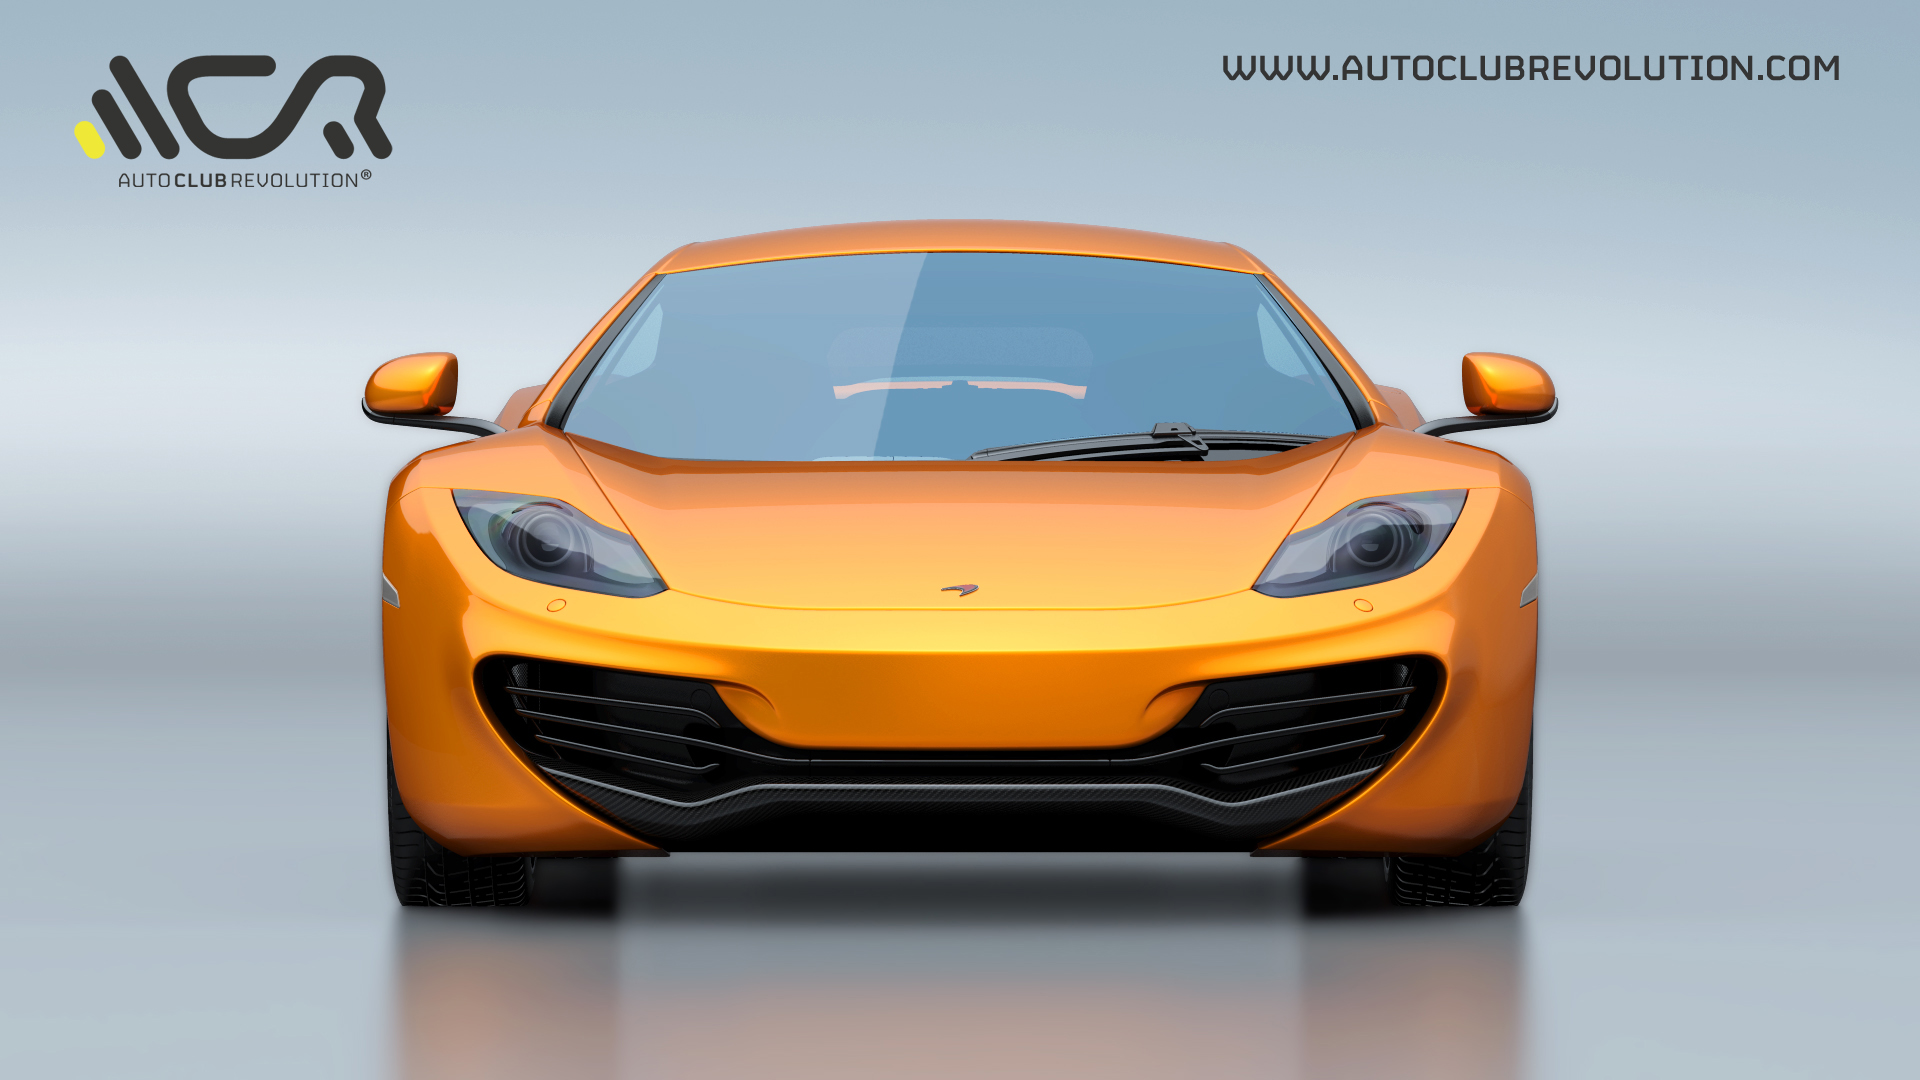 McLaren MP4-12C Comes to Auto Club Revolution®